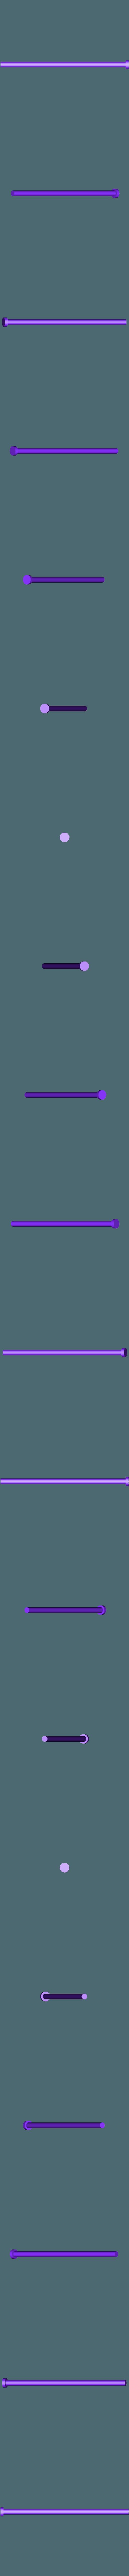 pokedex_adjusted2_Pin_1_6.stl Télécharger fichier STL gratuit Pokedex • Modèle pour impression 3D, reakain